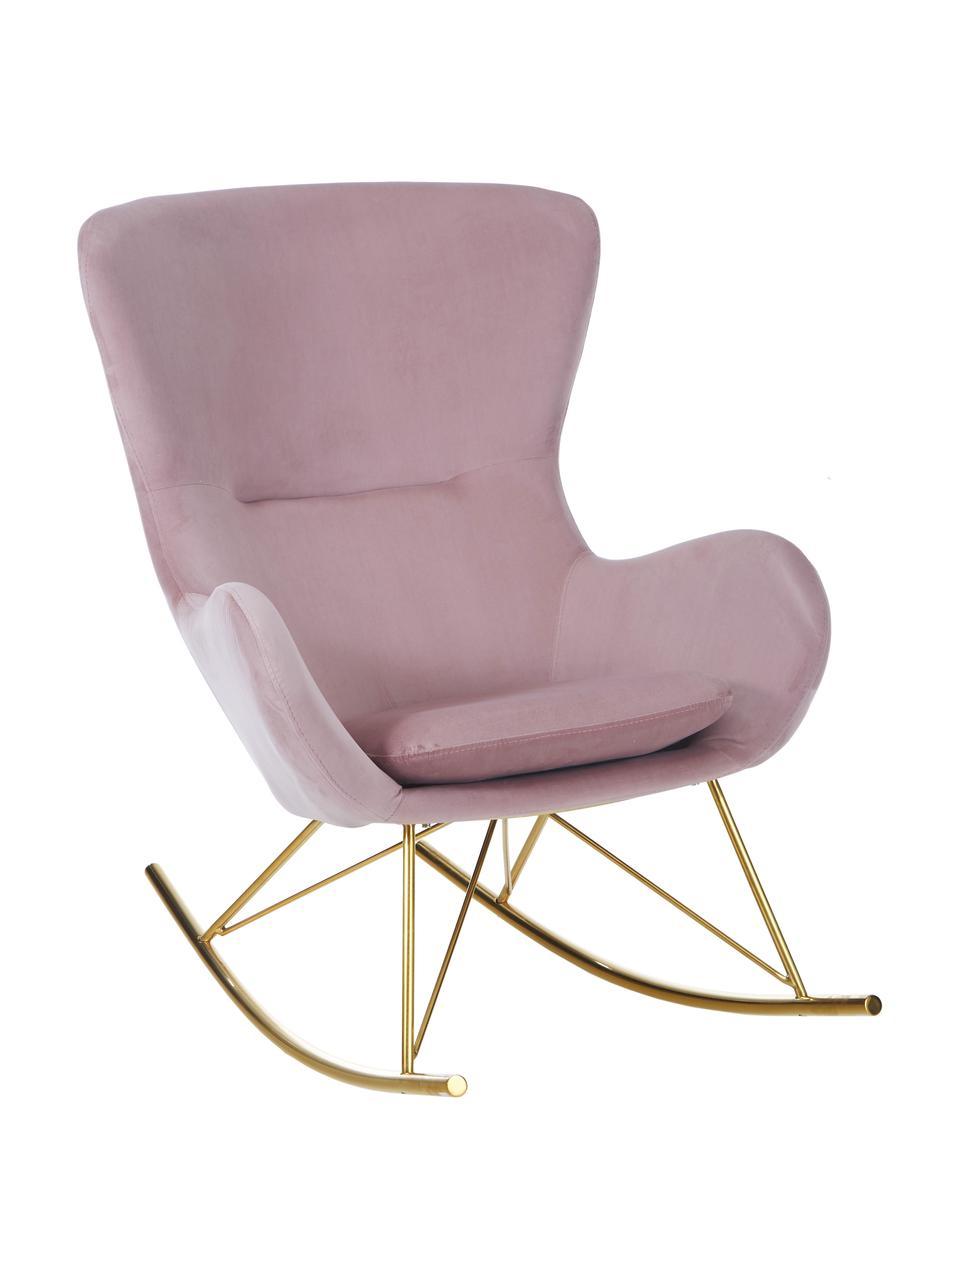 Sedia a dondolo in velluto rosa Wing, Rivestimento: velluto (poliestere) Con , Struttura: metallo zincato, Velluto rosa, dorato, Larg. 66 x Prof. 102 cm